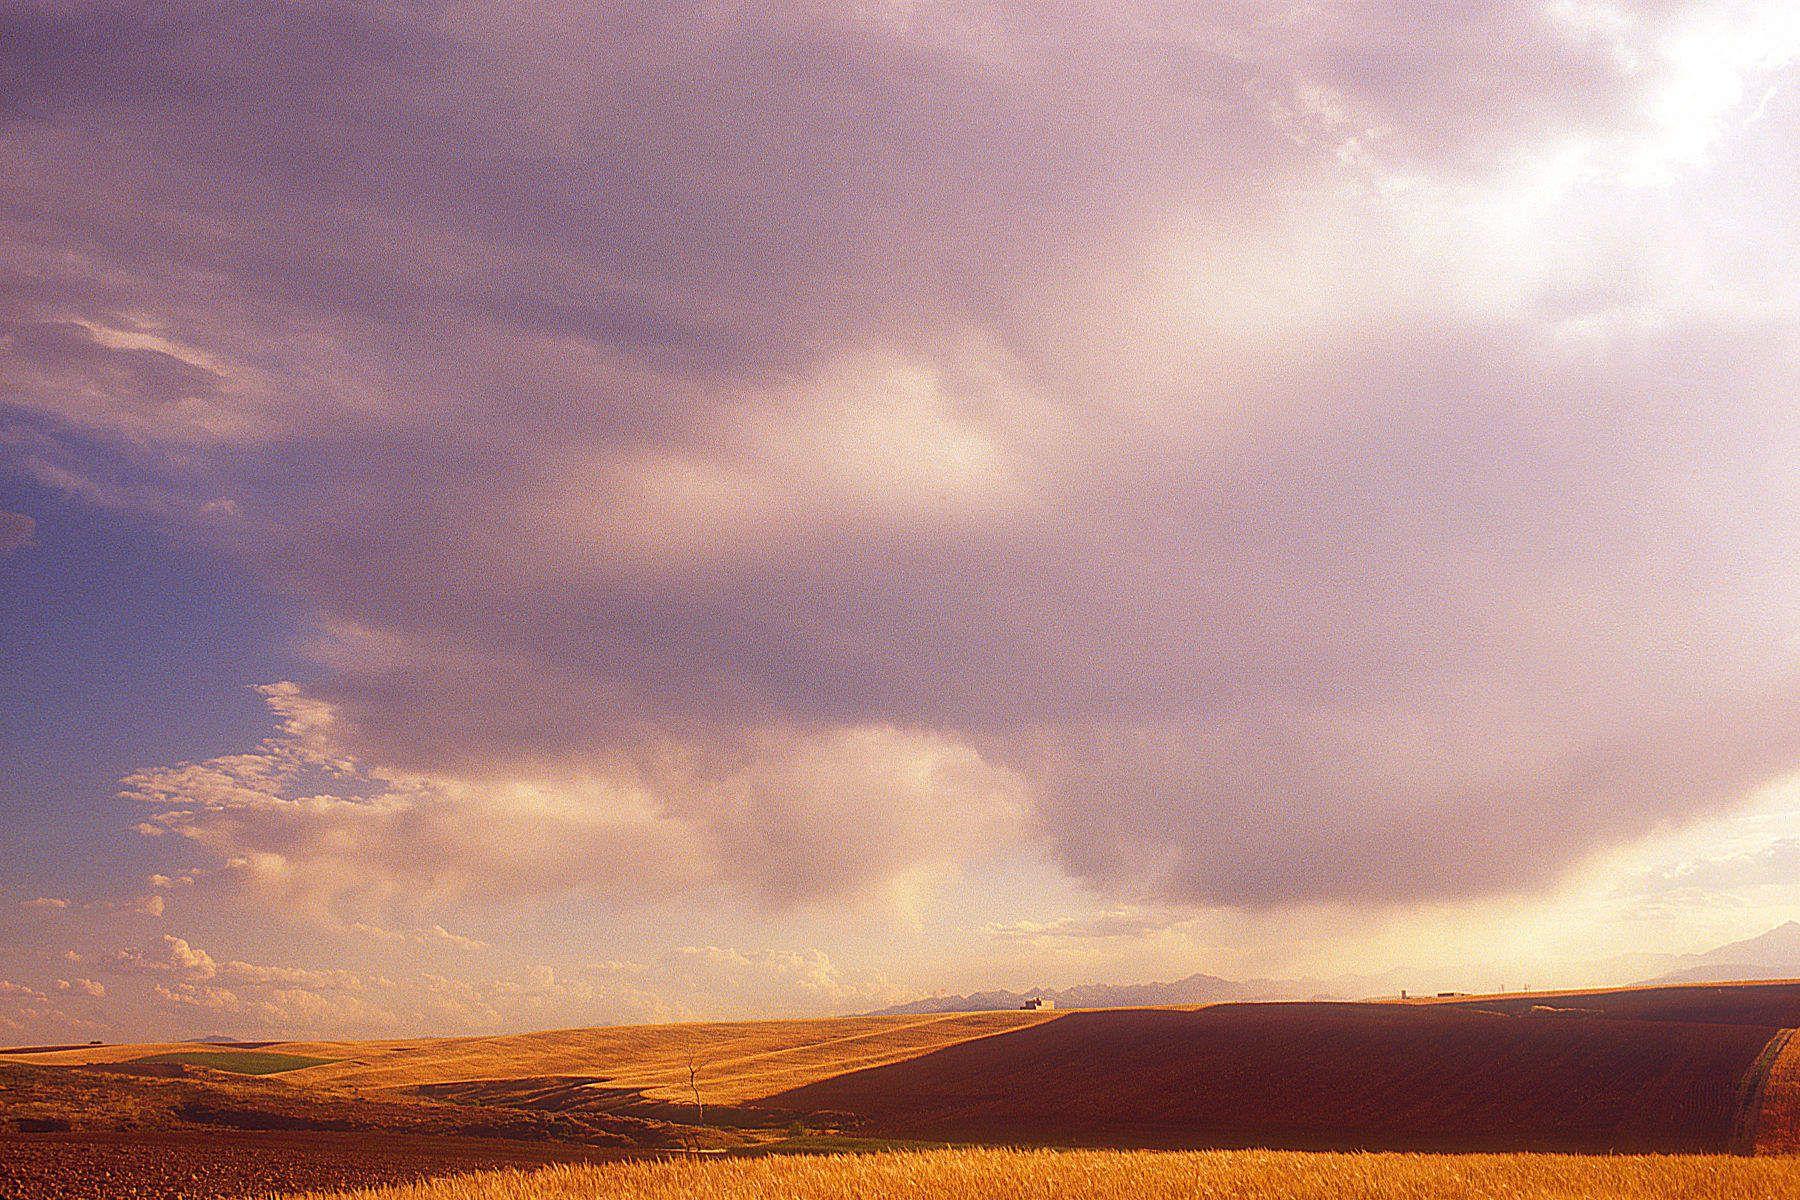 22_1coloradolandscape.jpg